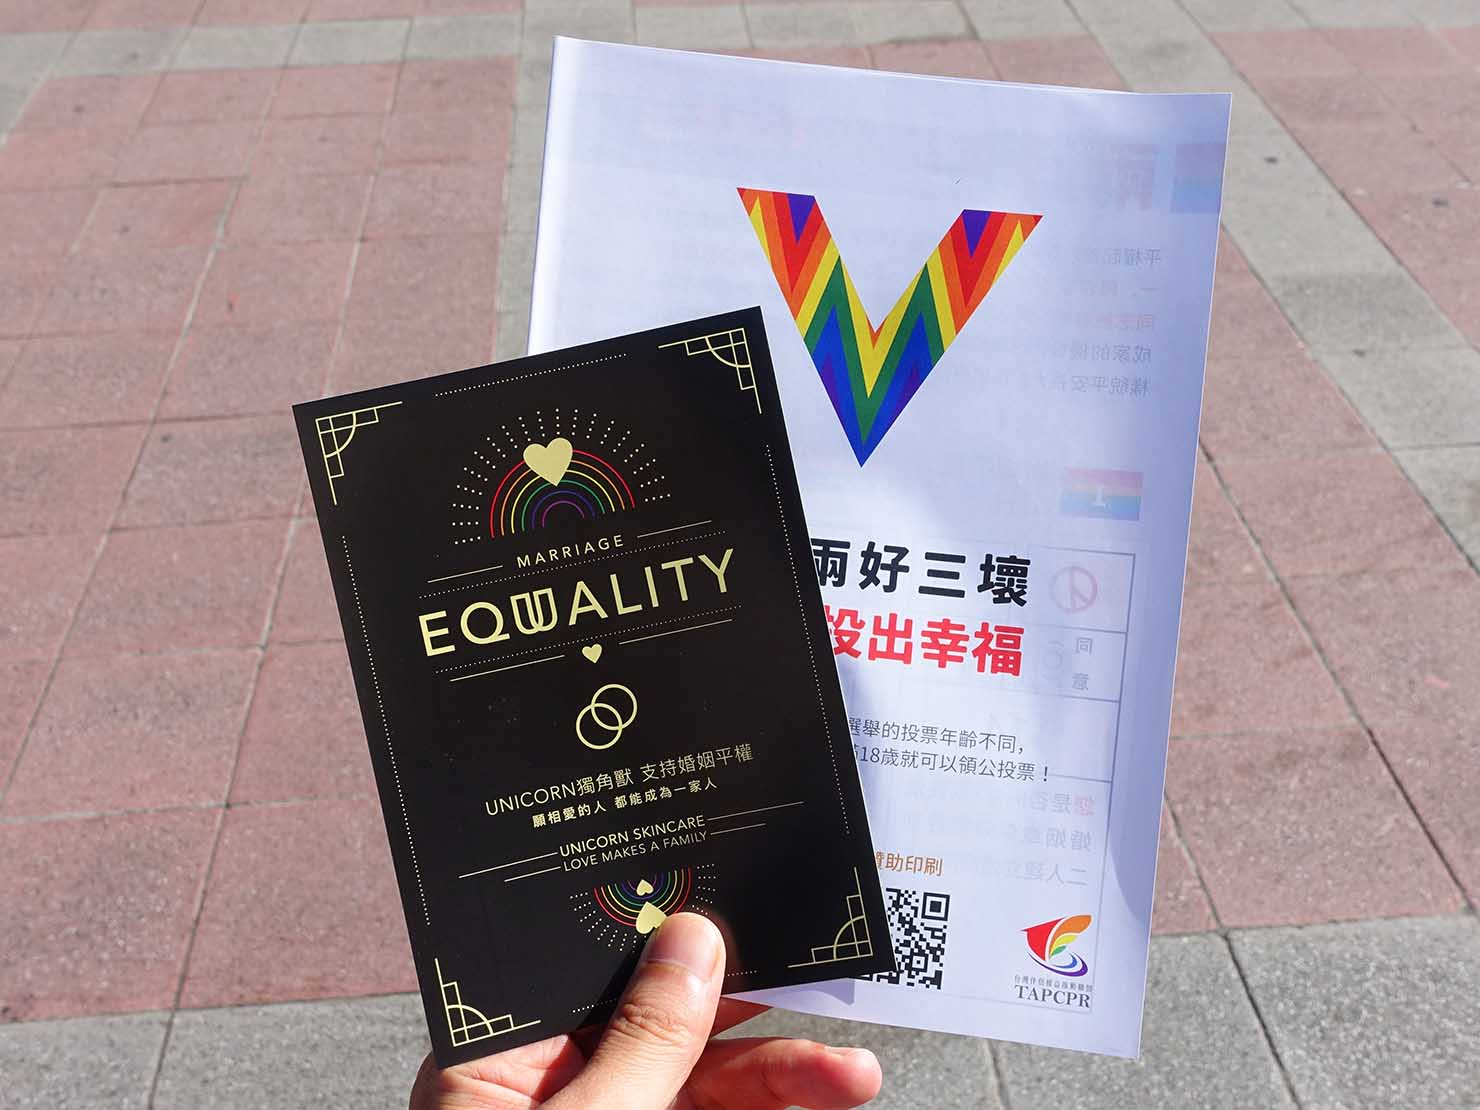 台北市國際彩虹文化祭にブース出展する台湾のメンズコスメブランド「UNICORN」のポストカード